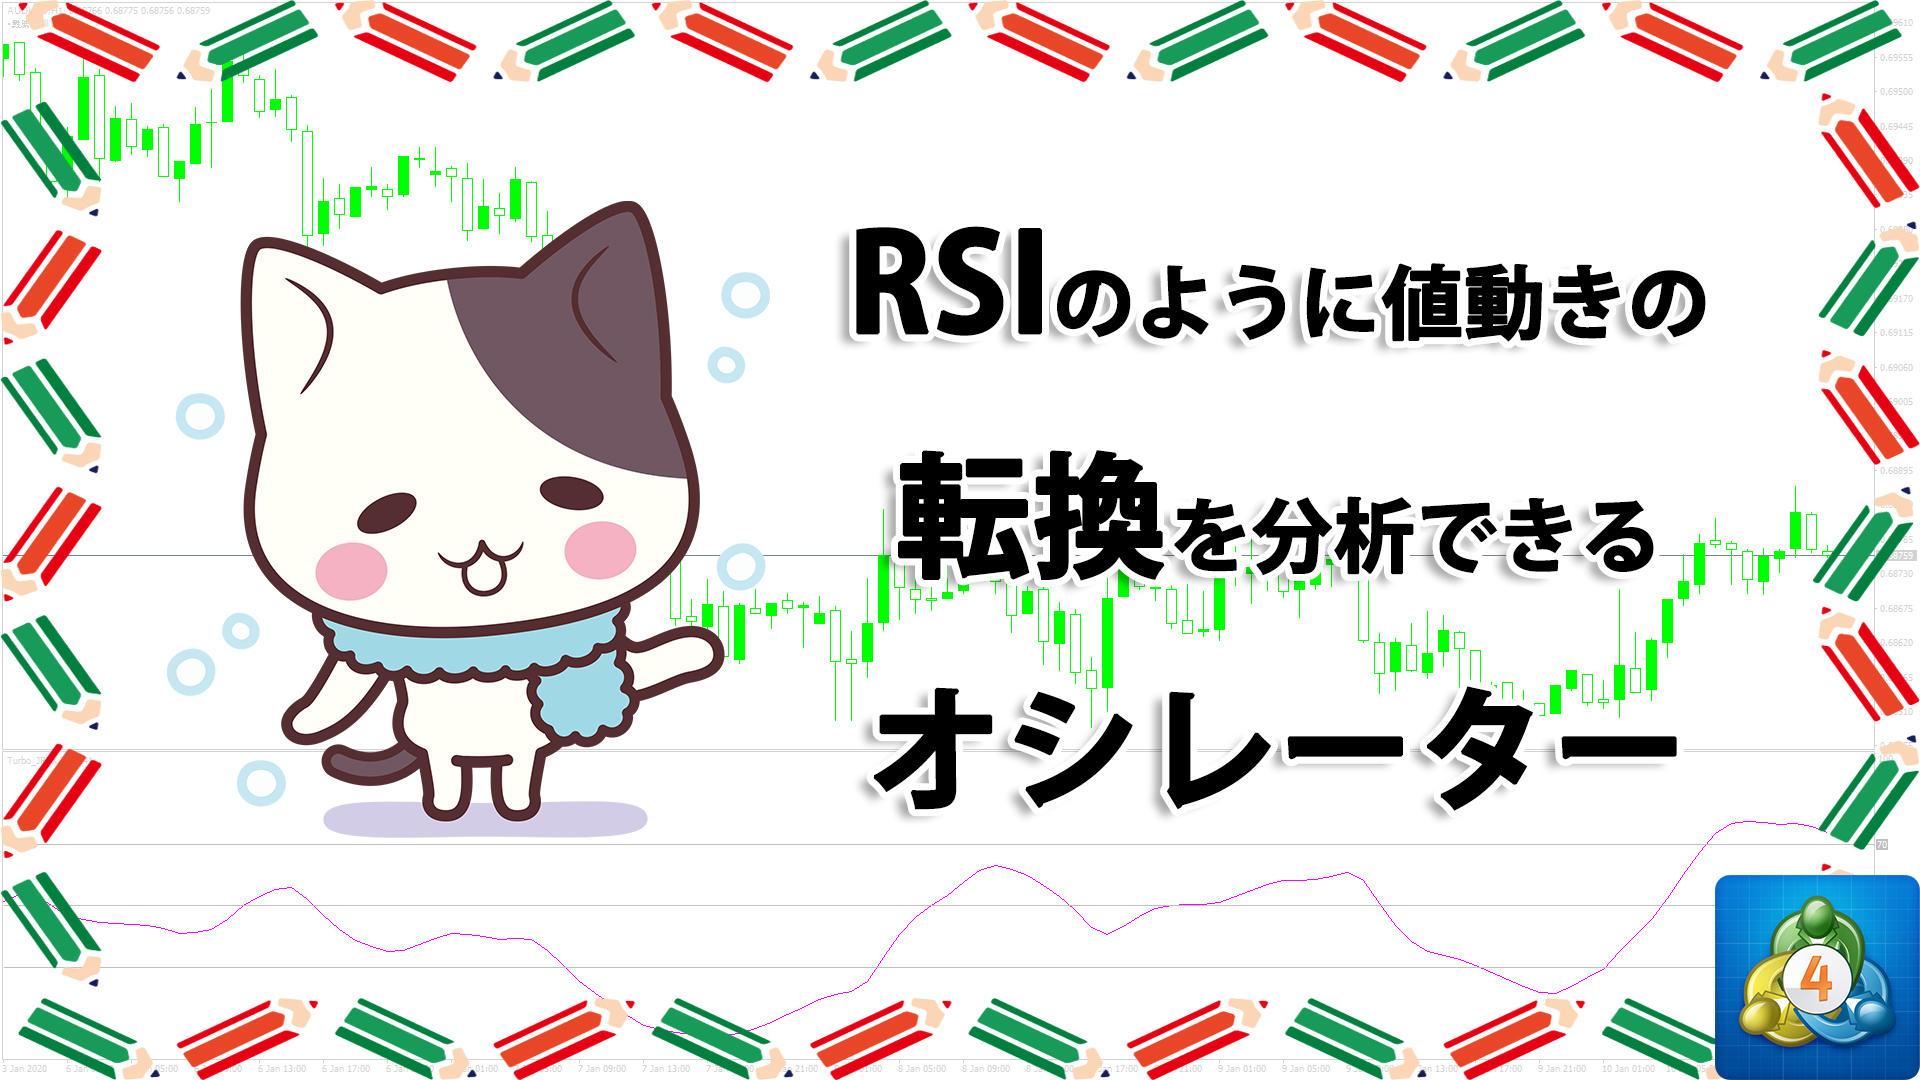 RSIのように値動きの転換を分析できるMT4インジケーター「Turbo_JRSX2」